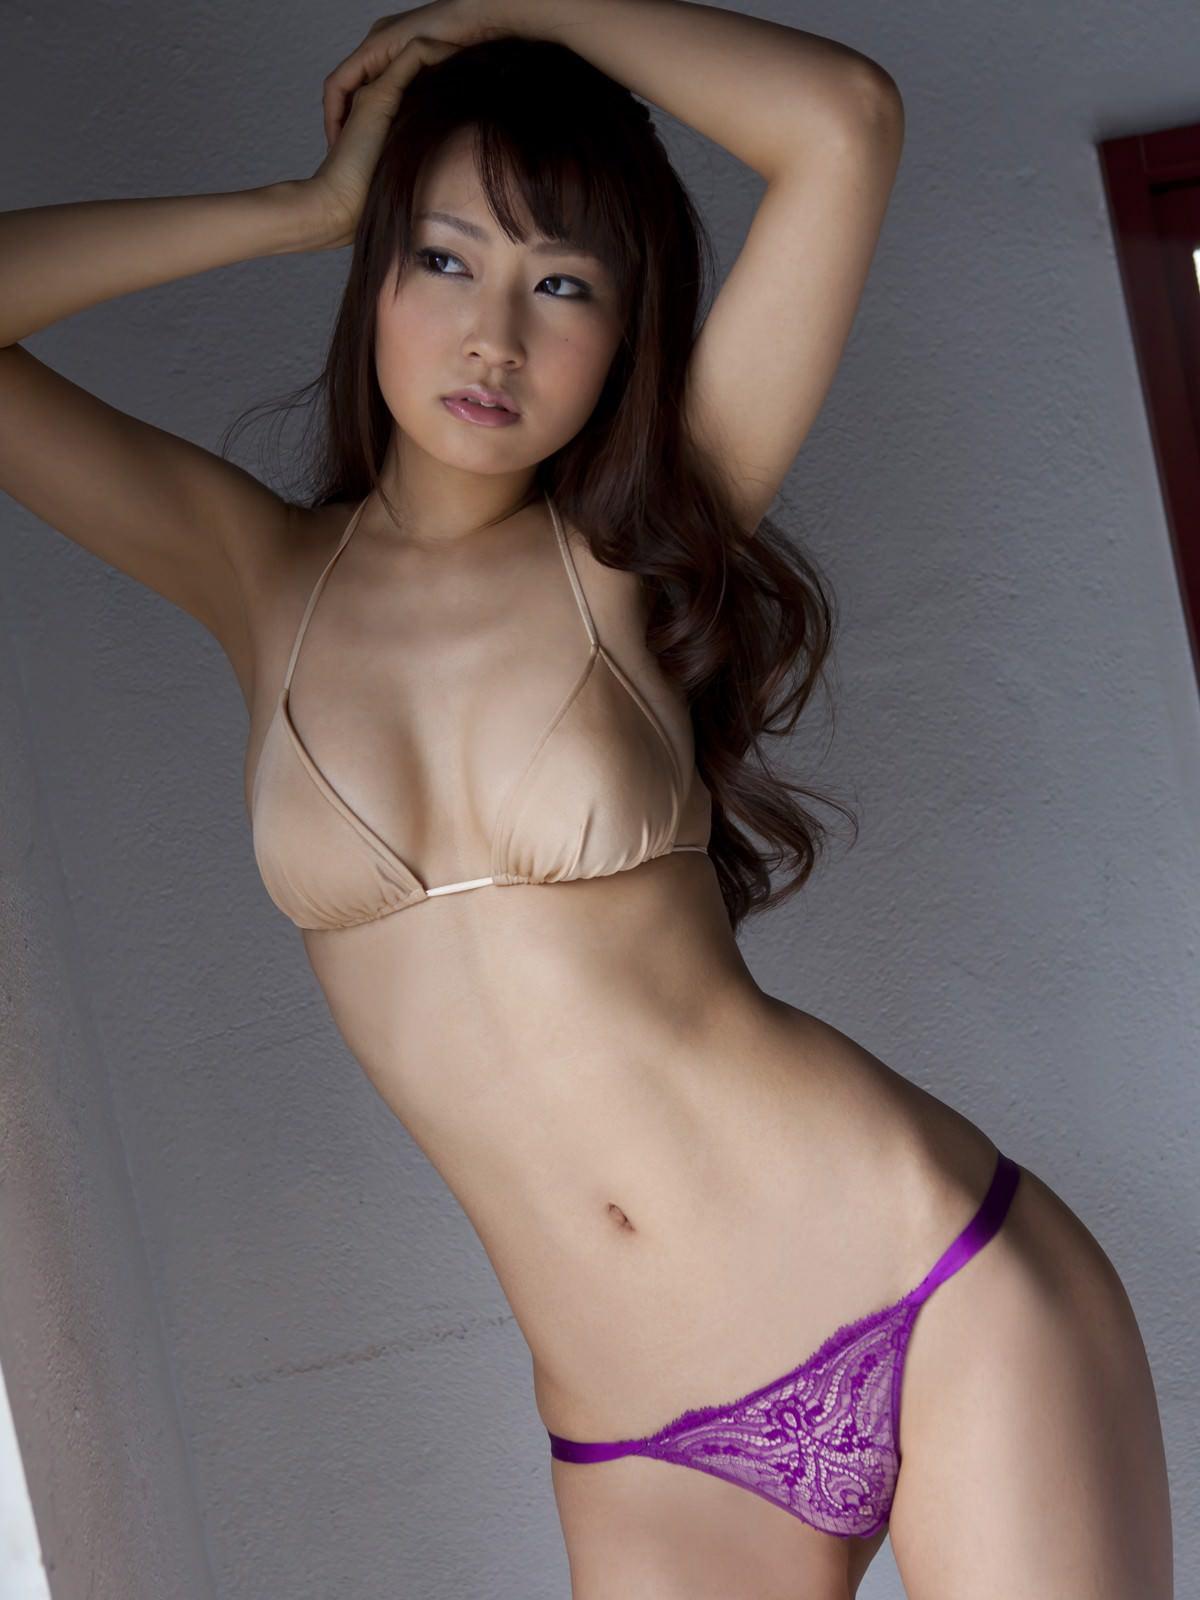 紫色內衣  帝王級的誘惑.jpg